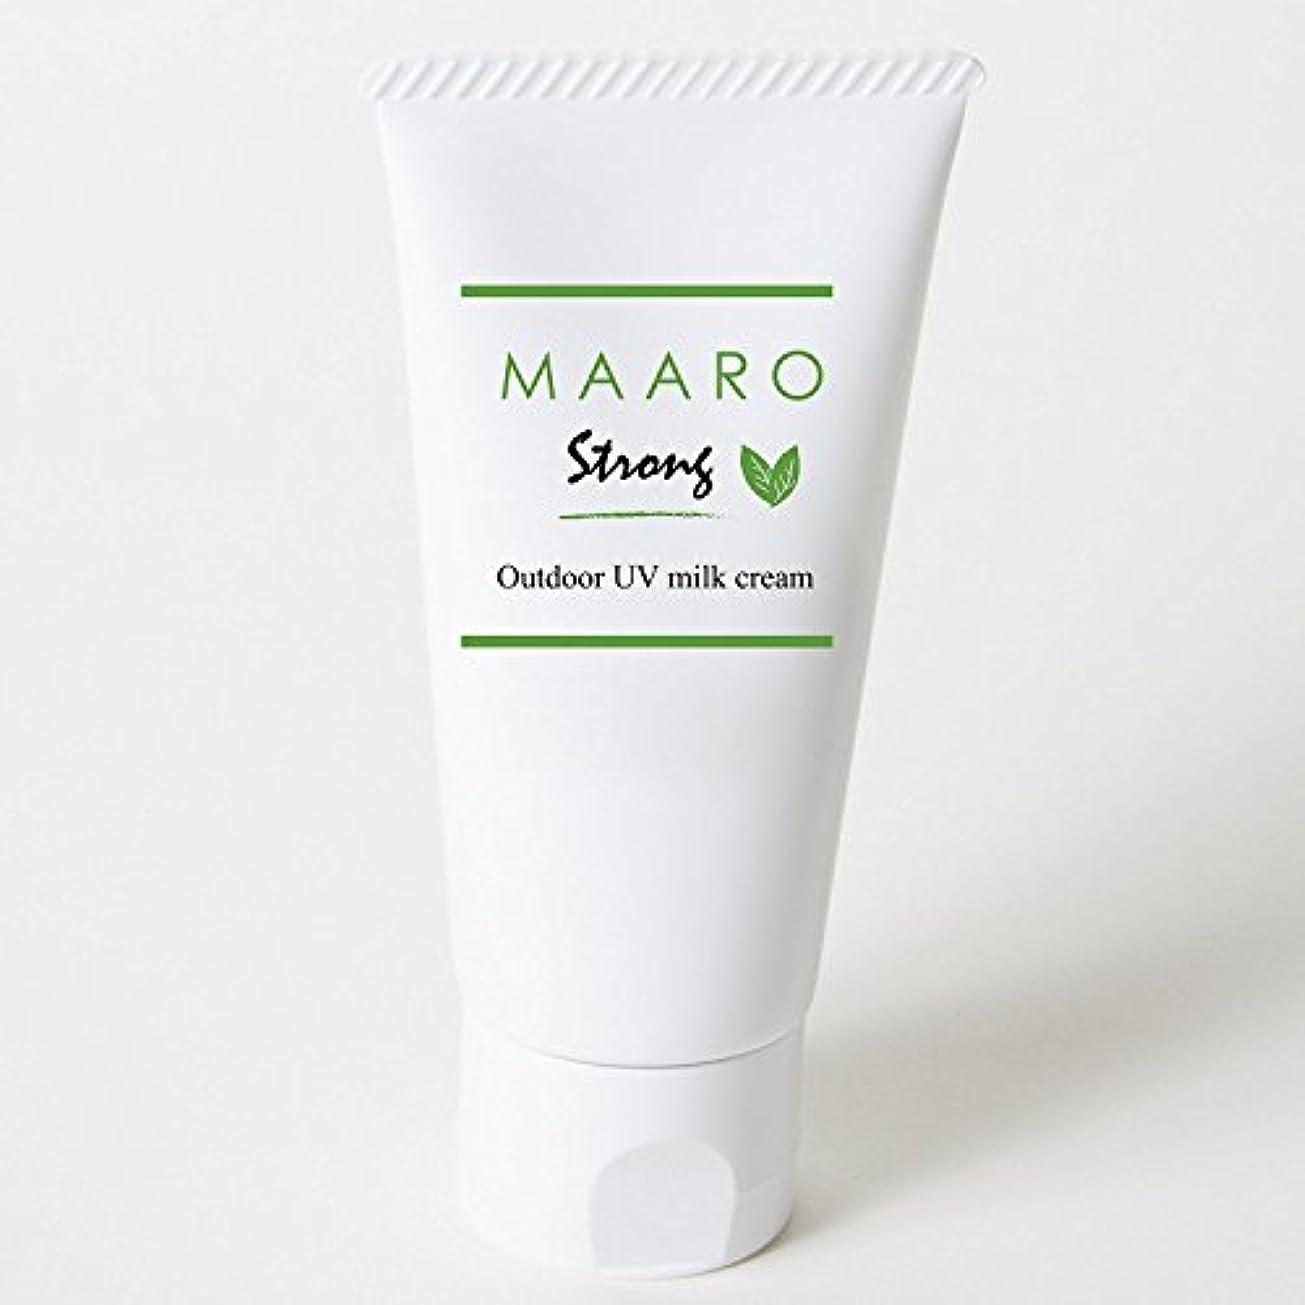 永久男性続けるMAARO Strong(マアロストロング)アロマミルククリーム SPF30、PA+++ 60ml